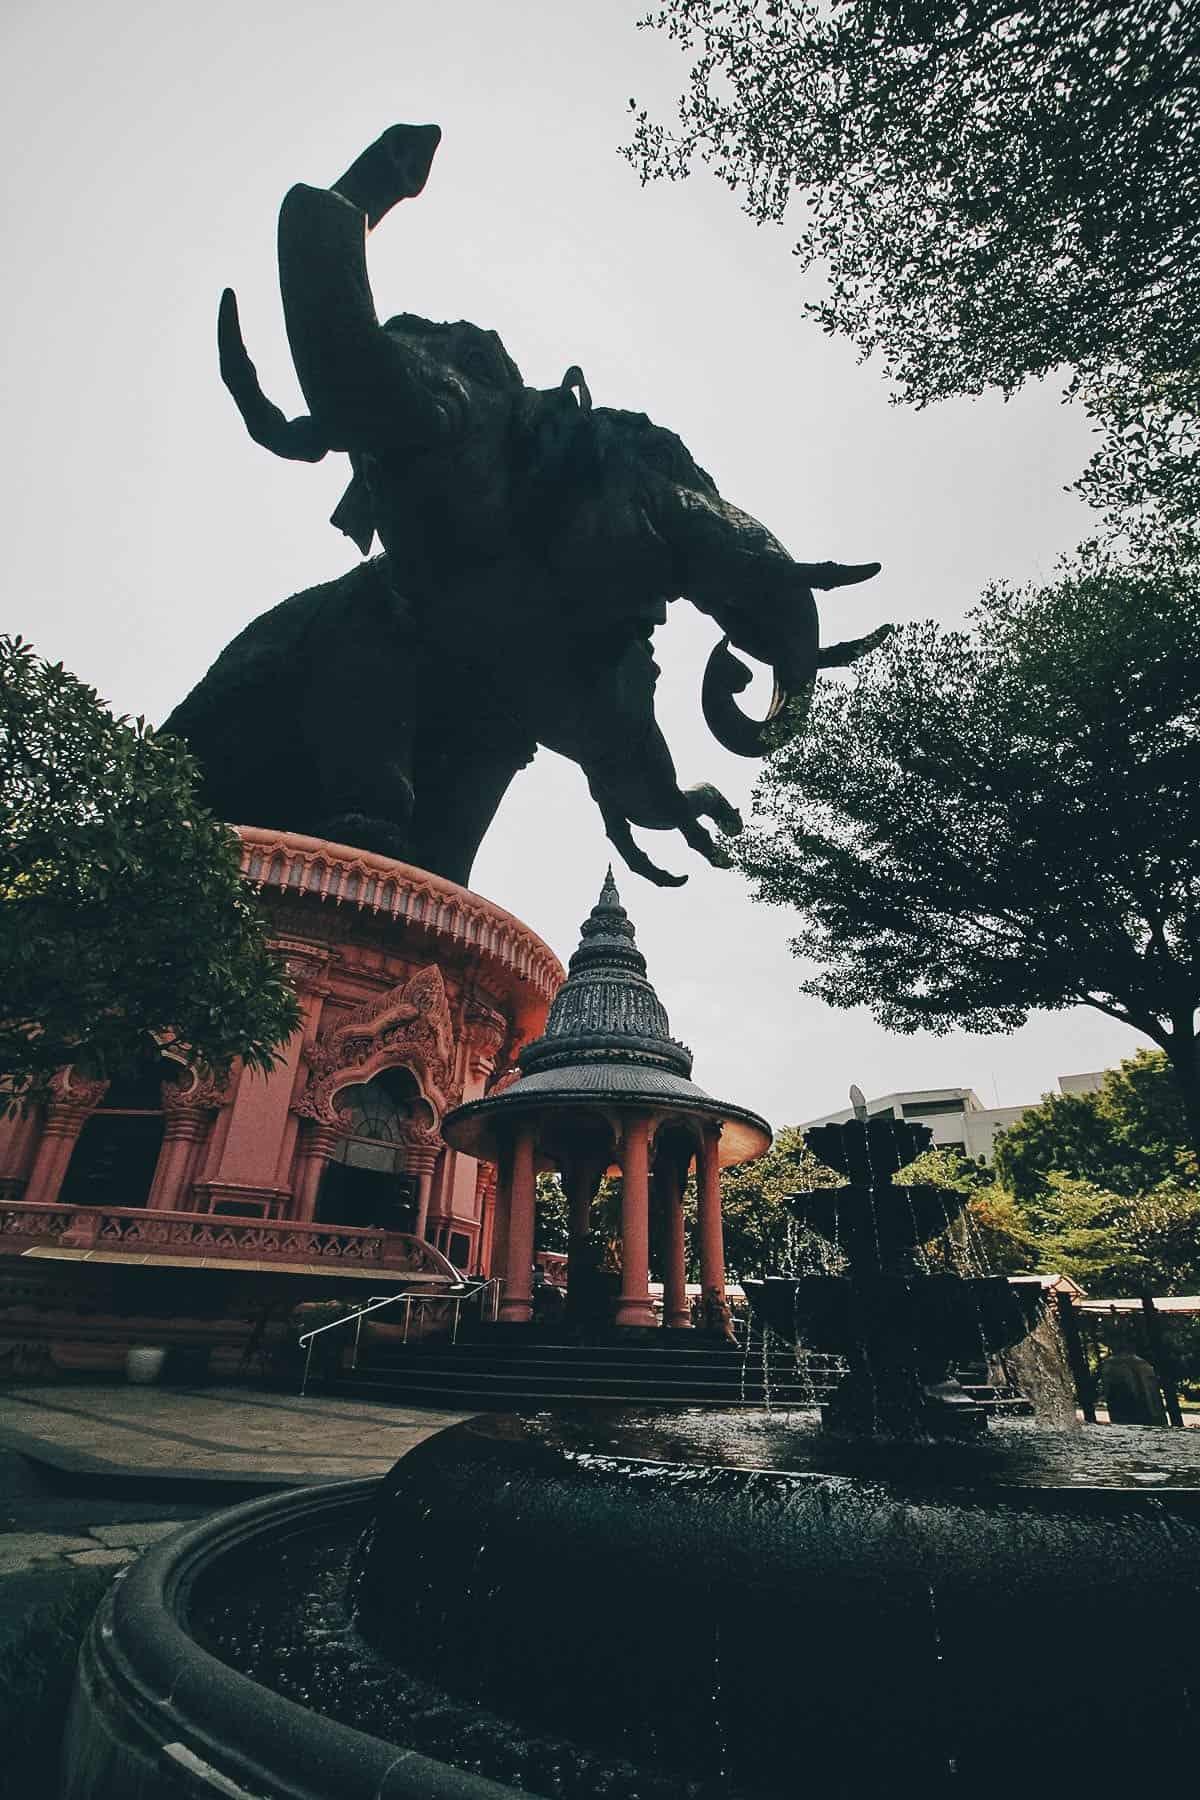 Erawan Museum in Bangkok, Thailand